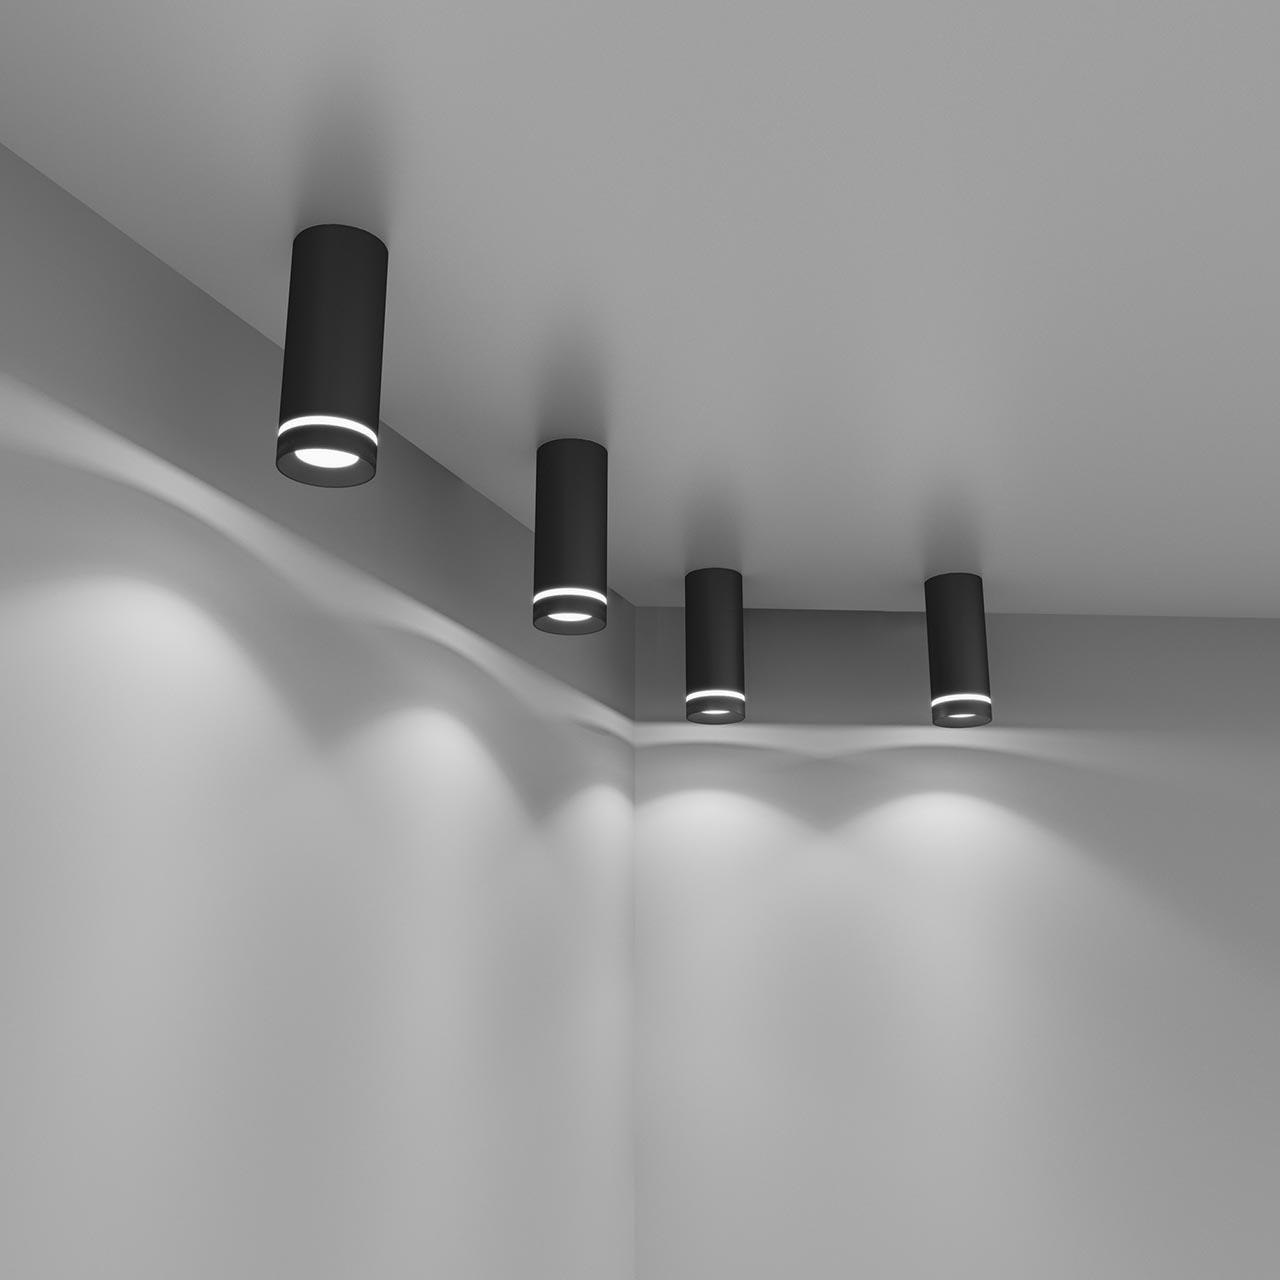 Потолочный светодиодный светильник Elektrostandard DLR022 12W 4200K черный матовый 4690389102967 цена